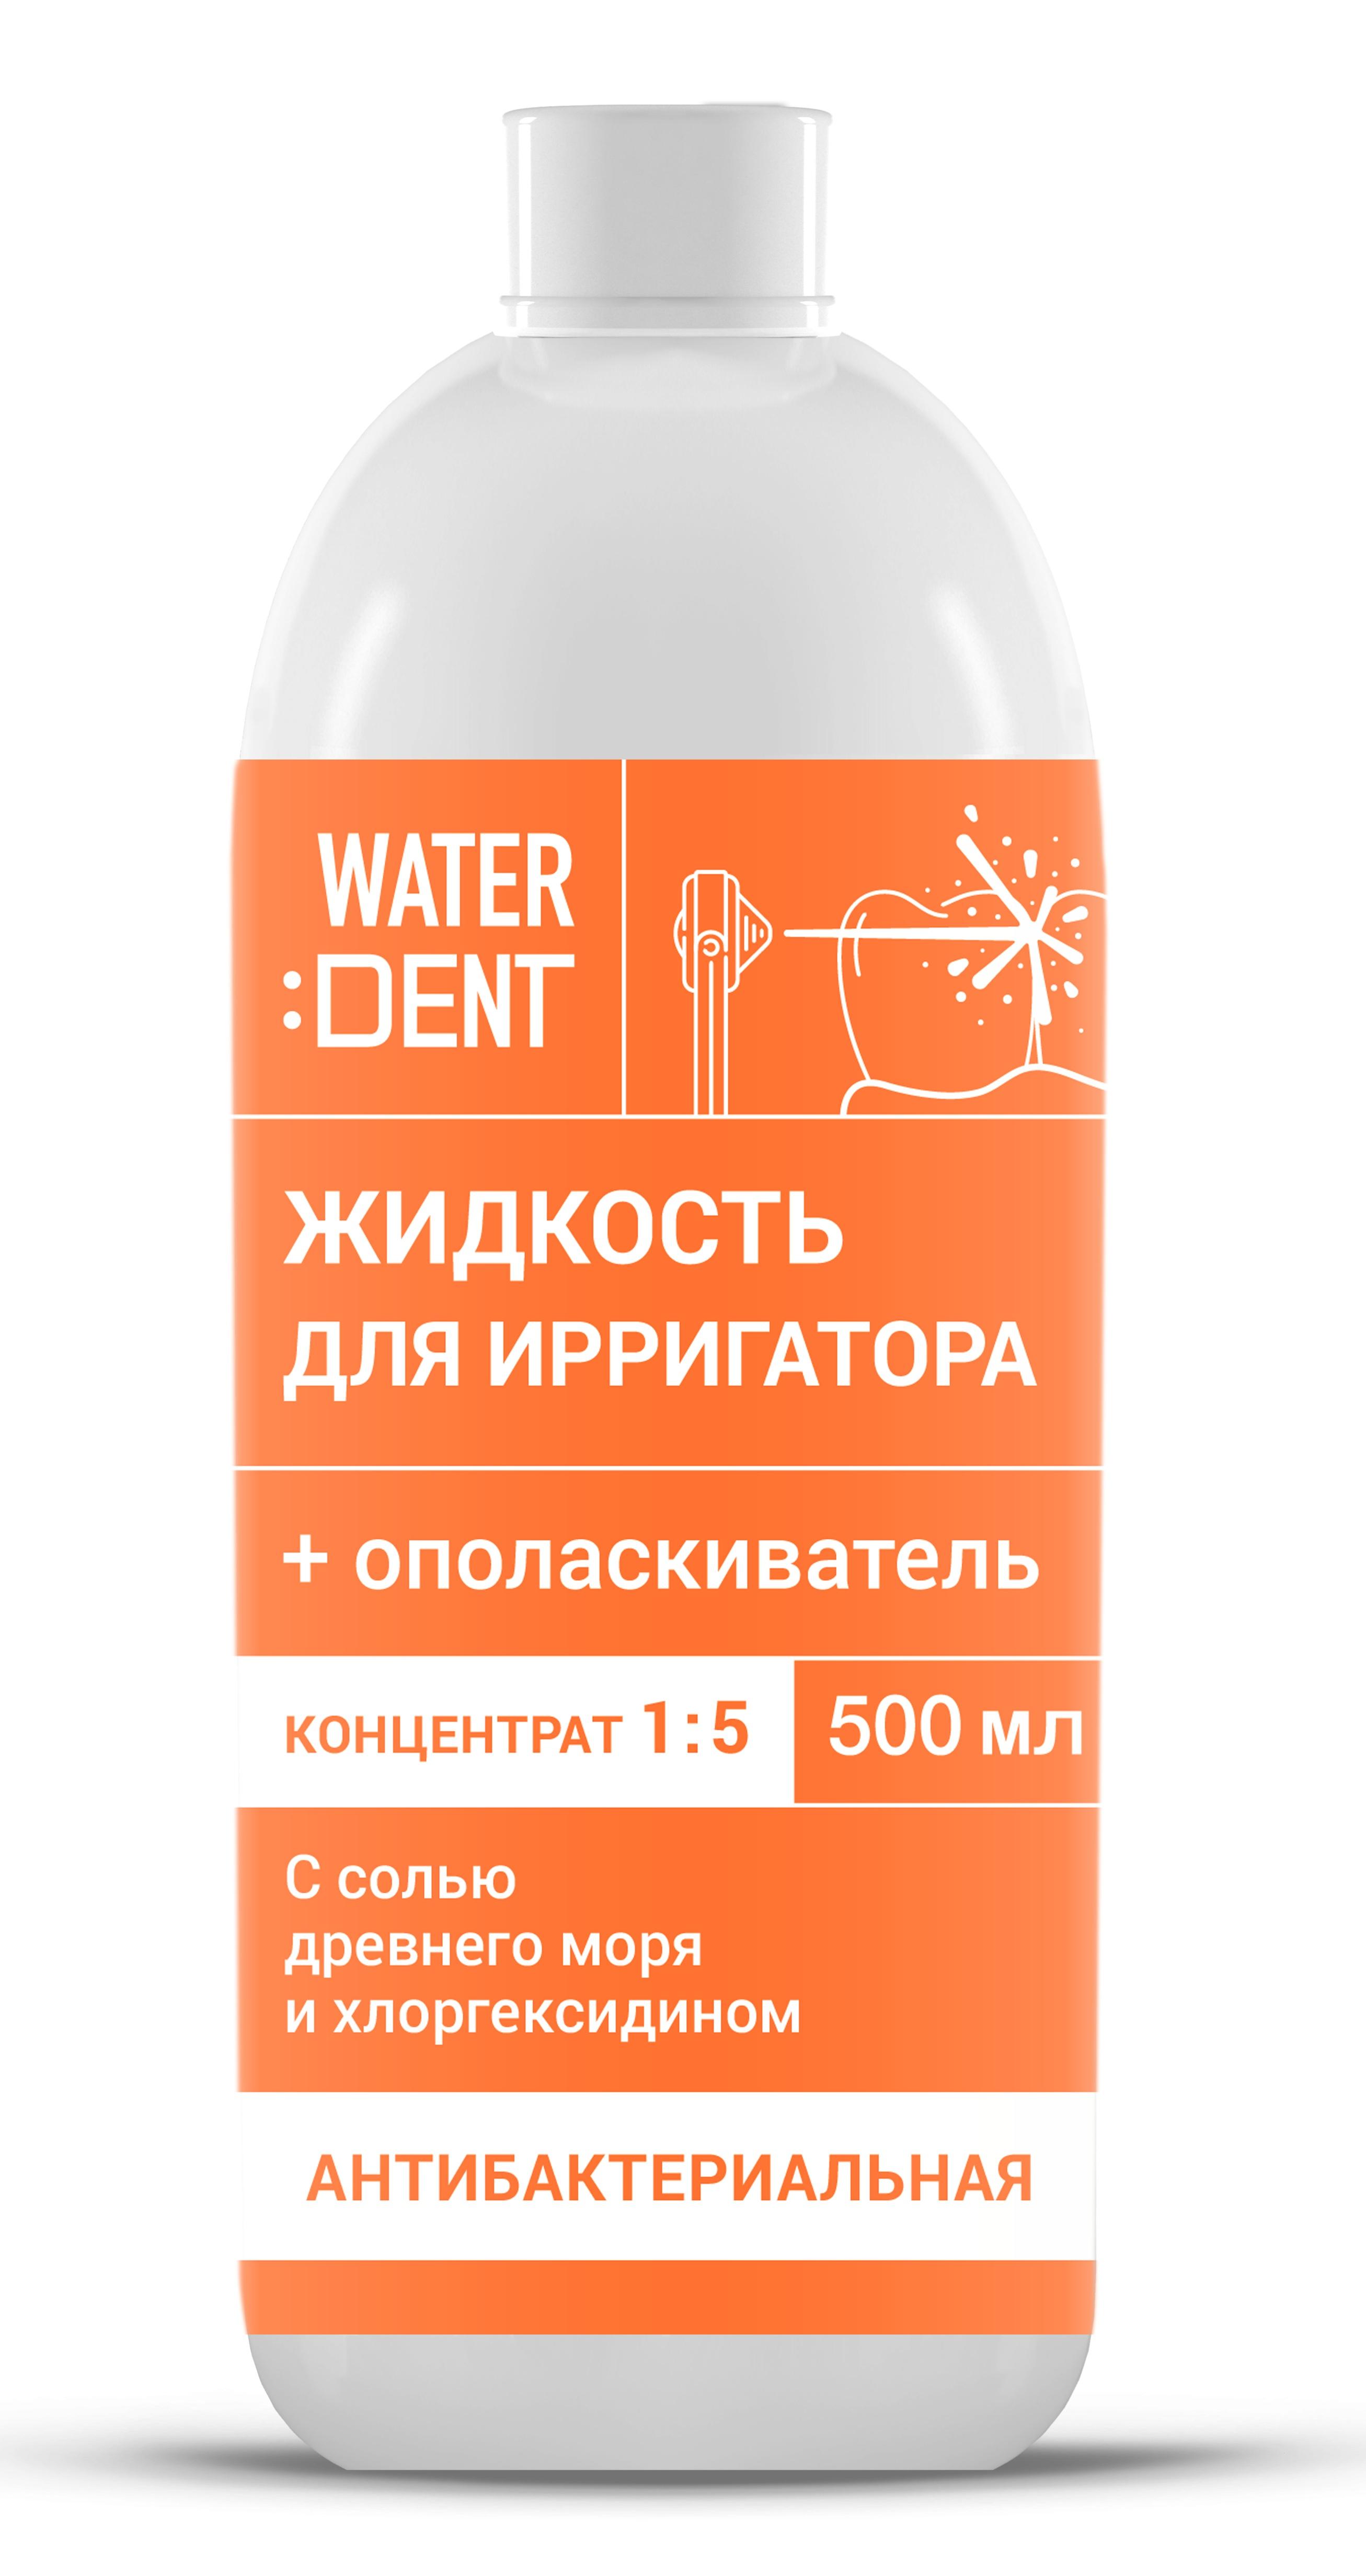 Купить WATERDENT Жидкость для ирригатора, антибактериальный комплекс (концентрат 1:5) 500 мл